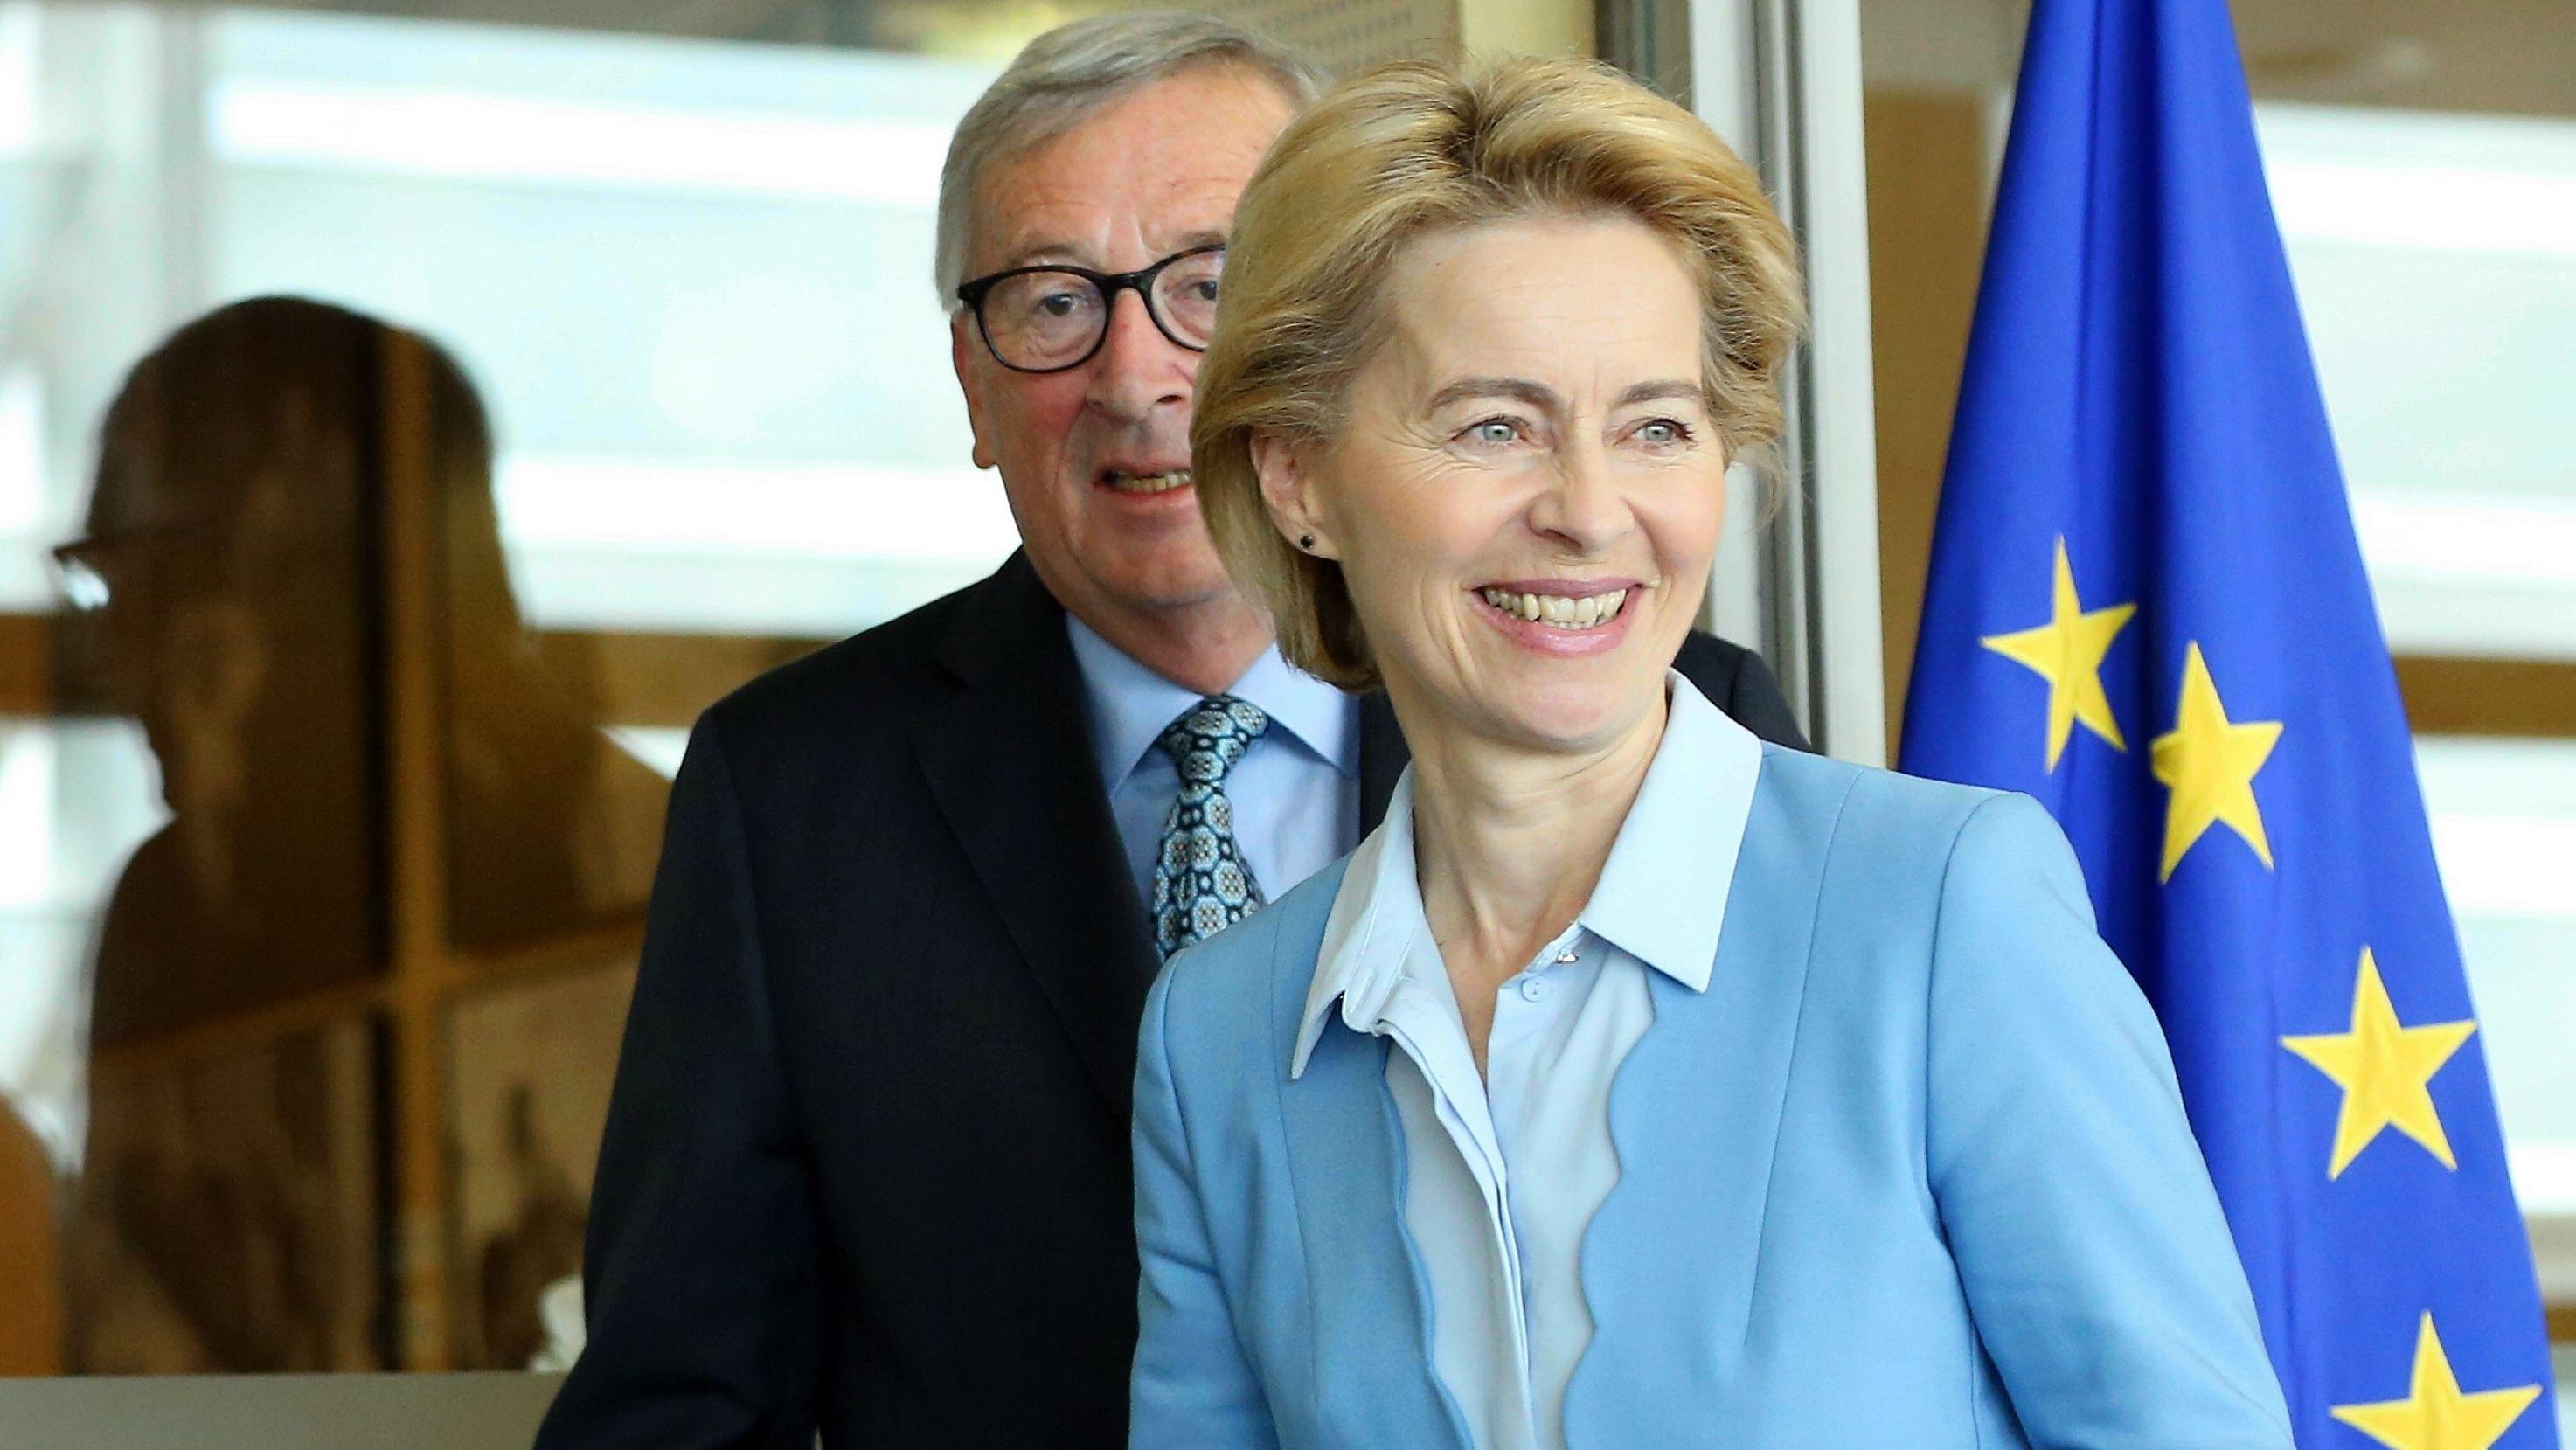 Jean-Claude Juncker und Ursula von der Leyen bei einem Treffen in Brüssel, am 09. September.